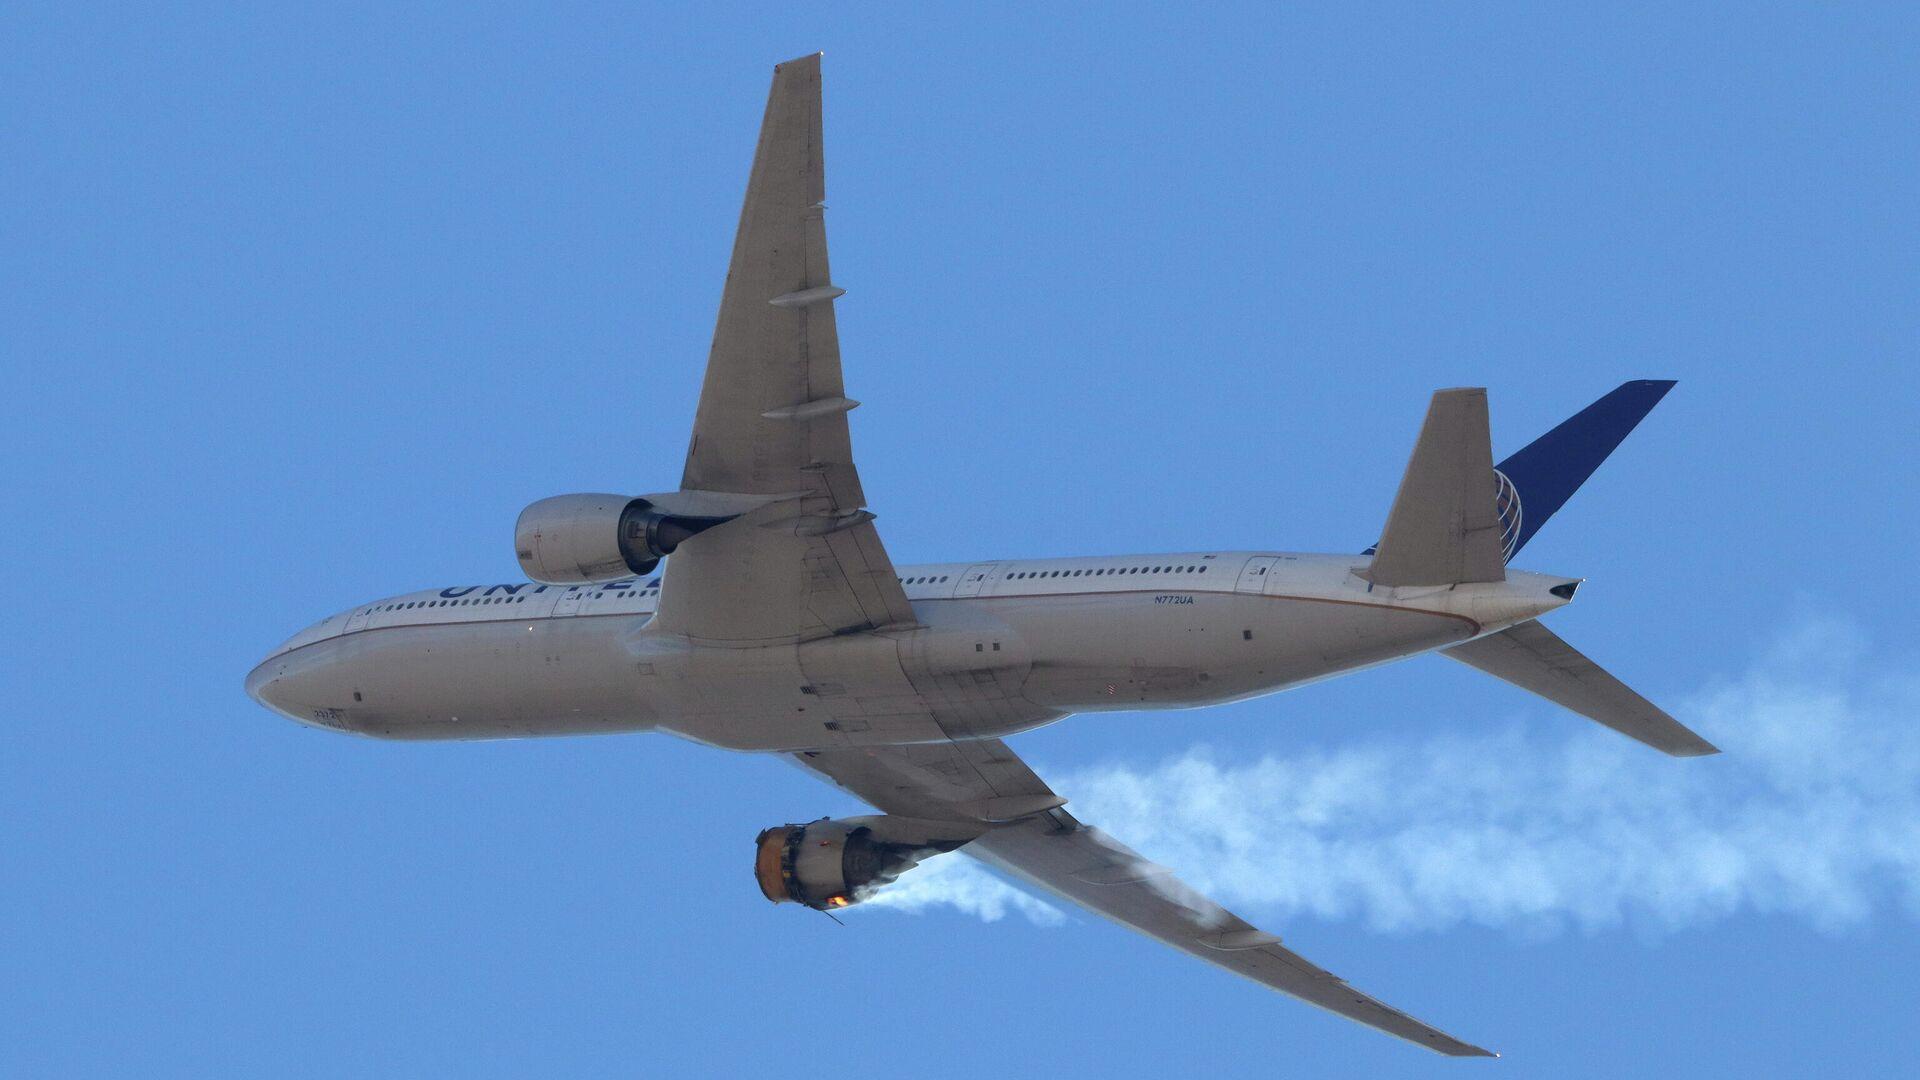 Vuelo UA328 de United Airlines el 20 de febrero de 2021 - Sputnik Mundo, 1920, 23.02.2021